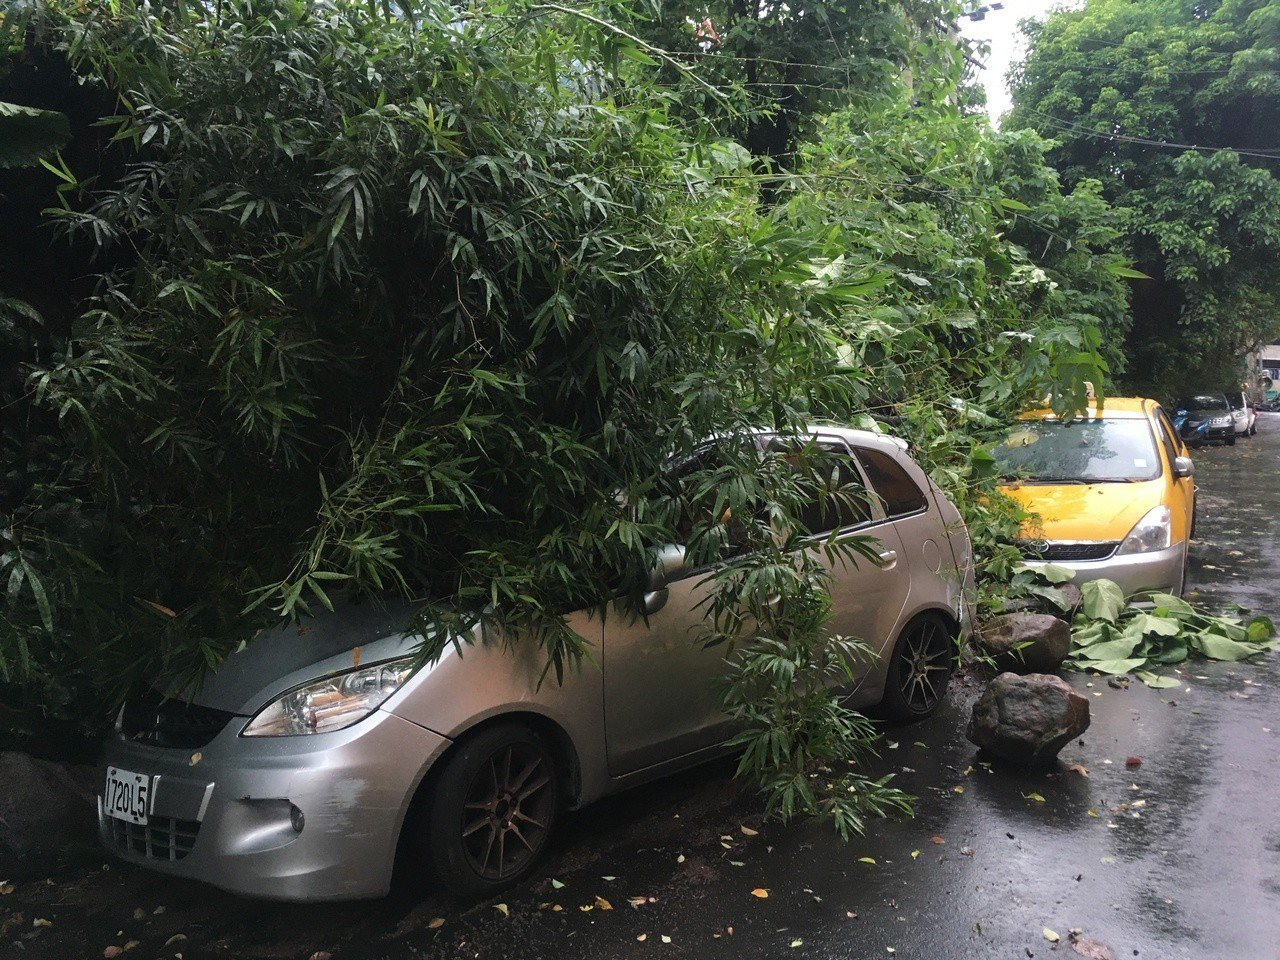 台北市北投區泉源路41巷的山坡禁不住雨水沖刷,邊坡土石滑落,停在路邊的車輛遭波及...